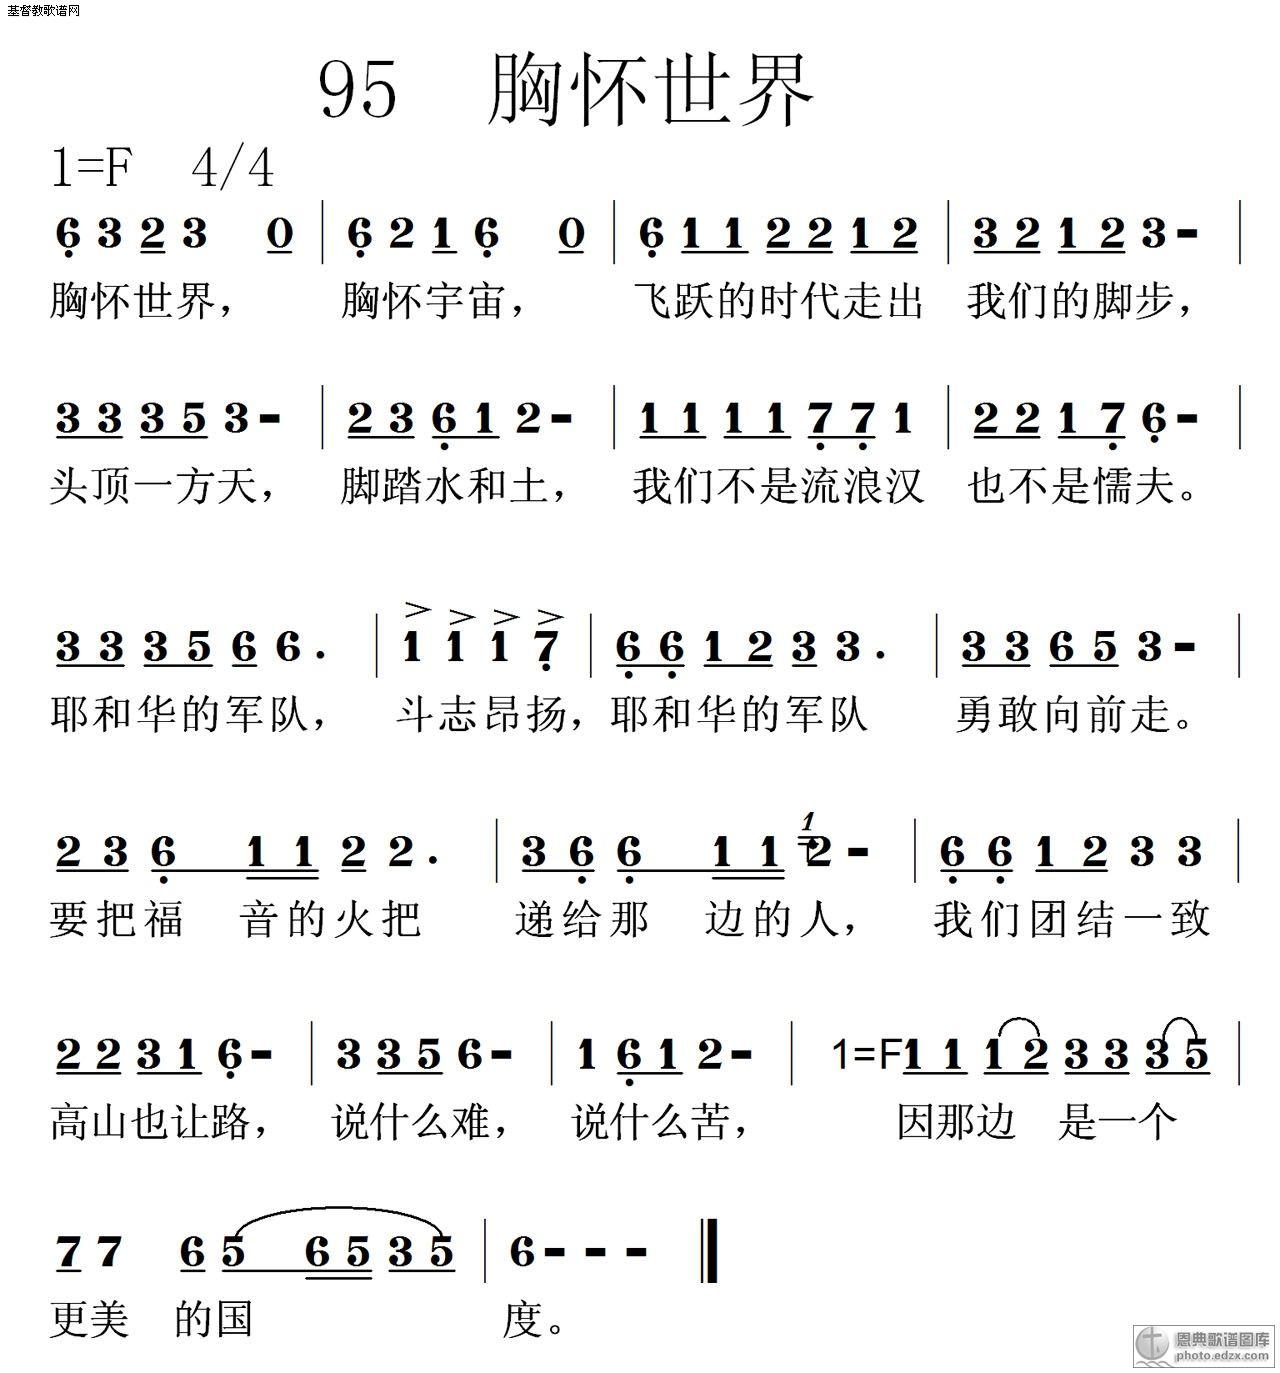 站迦南诗赞美诗乐队总谱 -0095胸怀世界 赞美诗歌谱